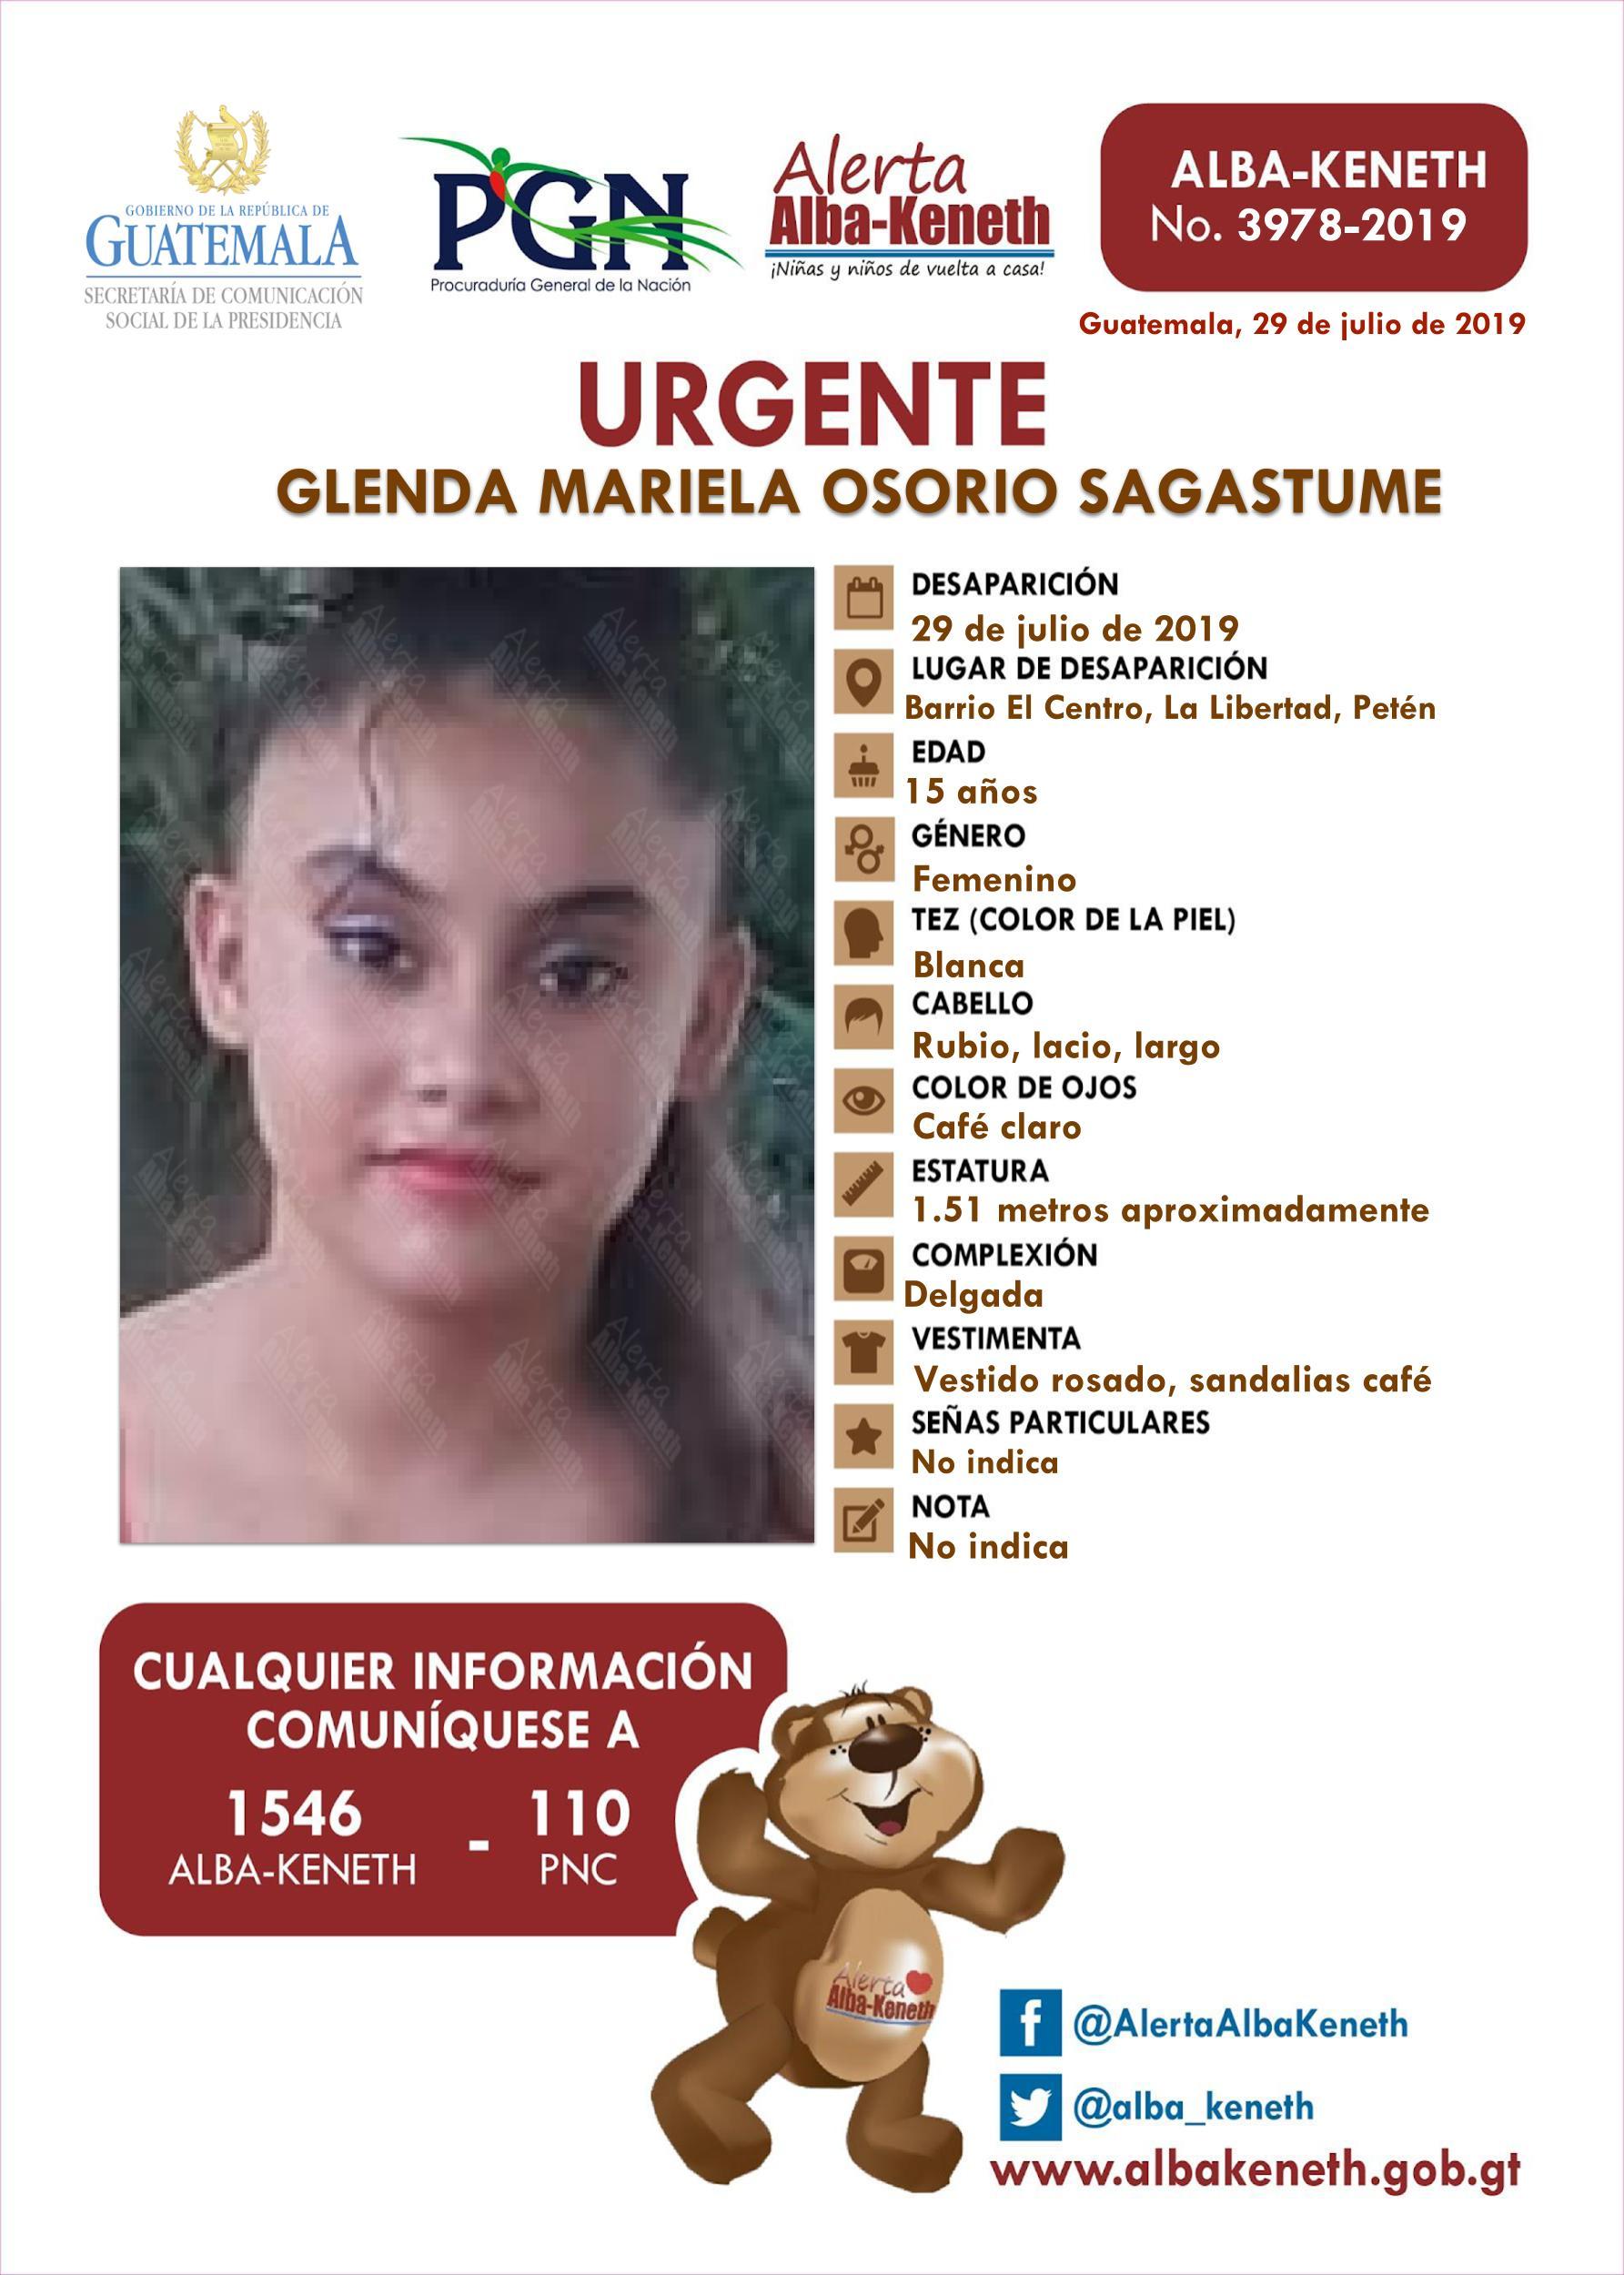 Glenda Mariela Osorio Sagastume